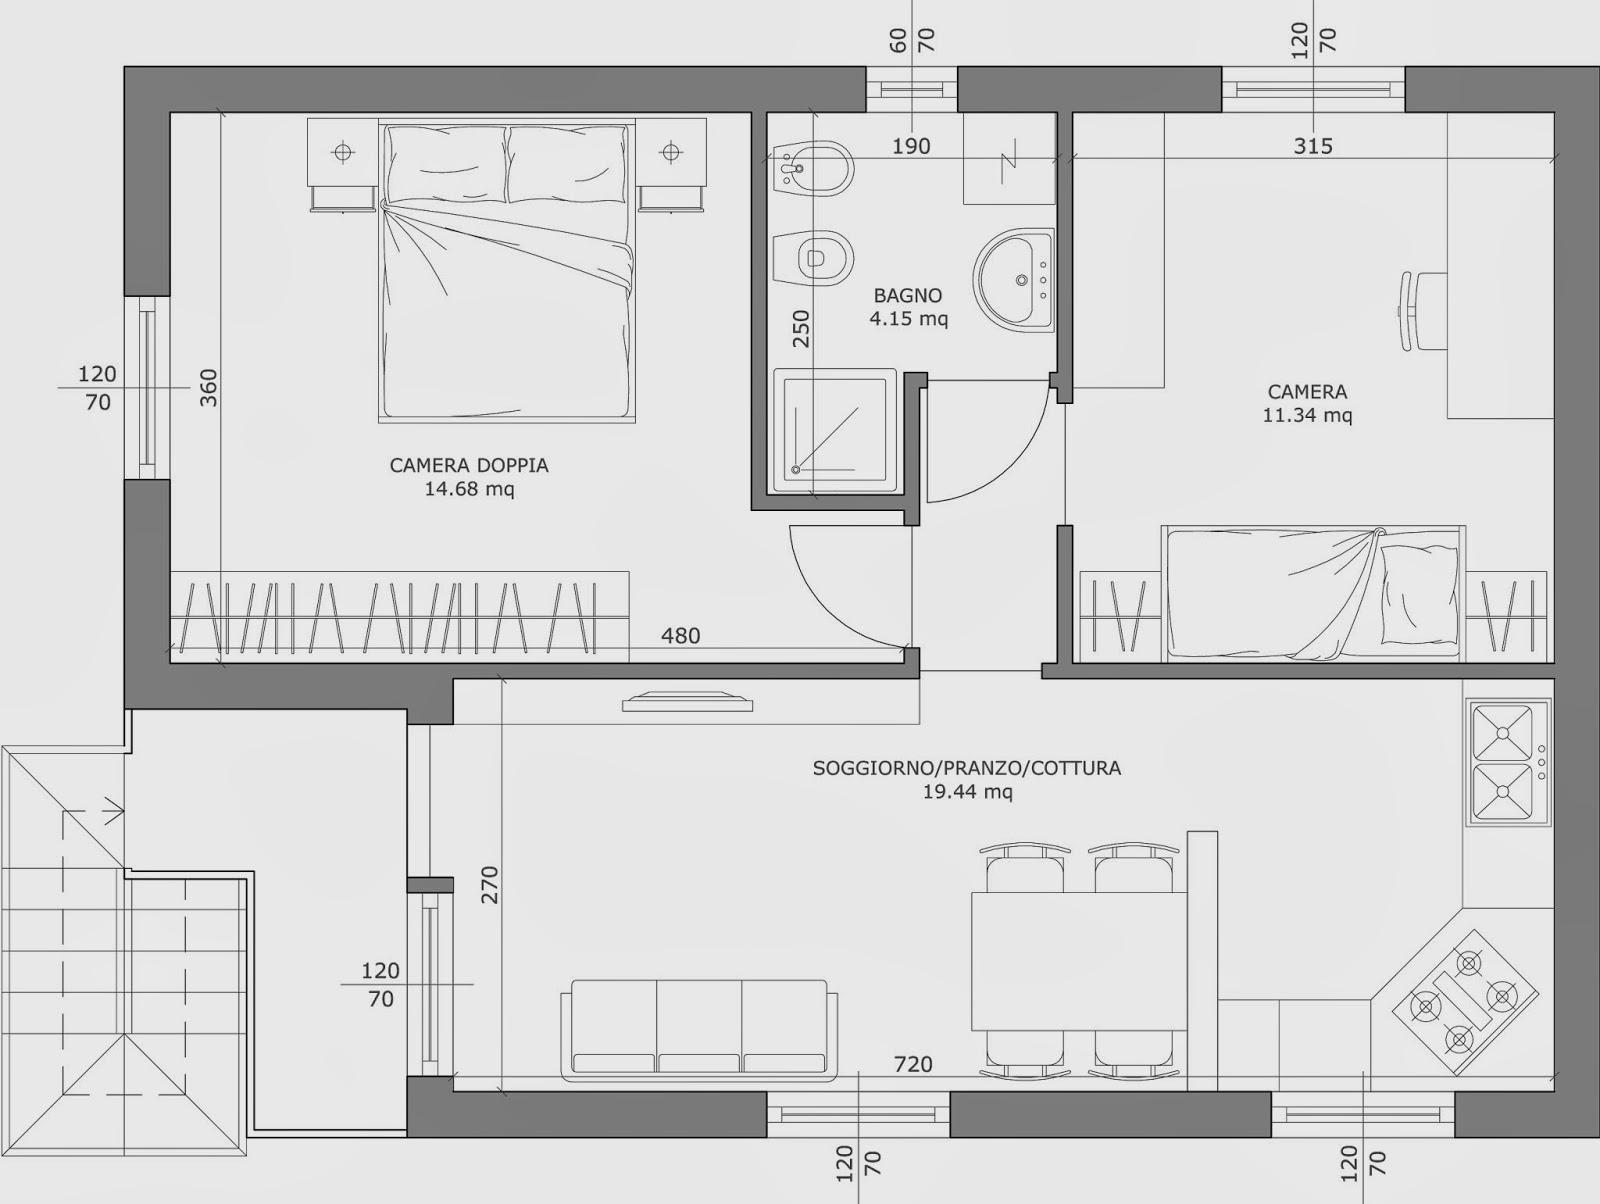 The marti 39 s loft come leggere un disegno in scala for Planimetria stanza